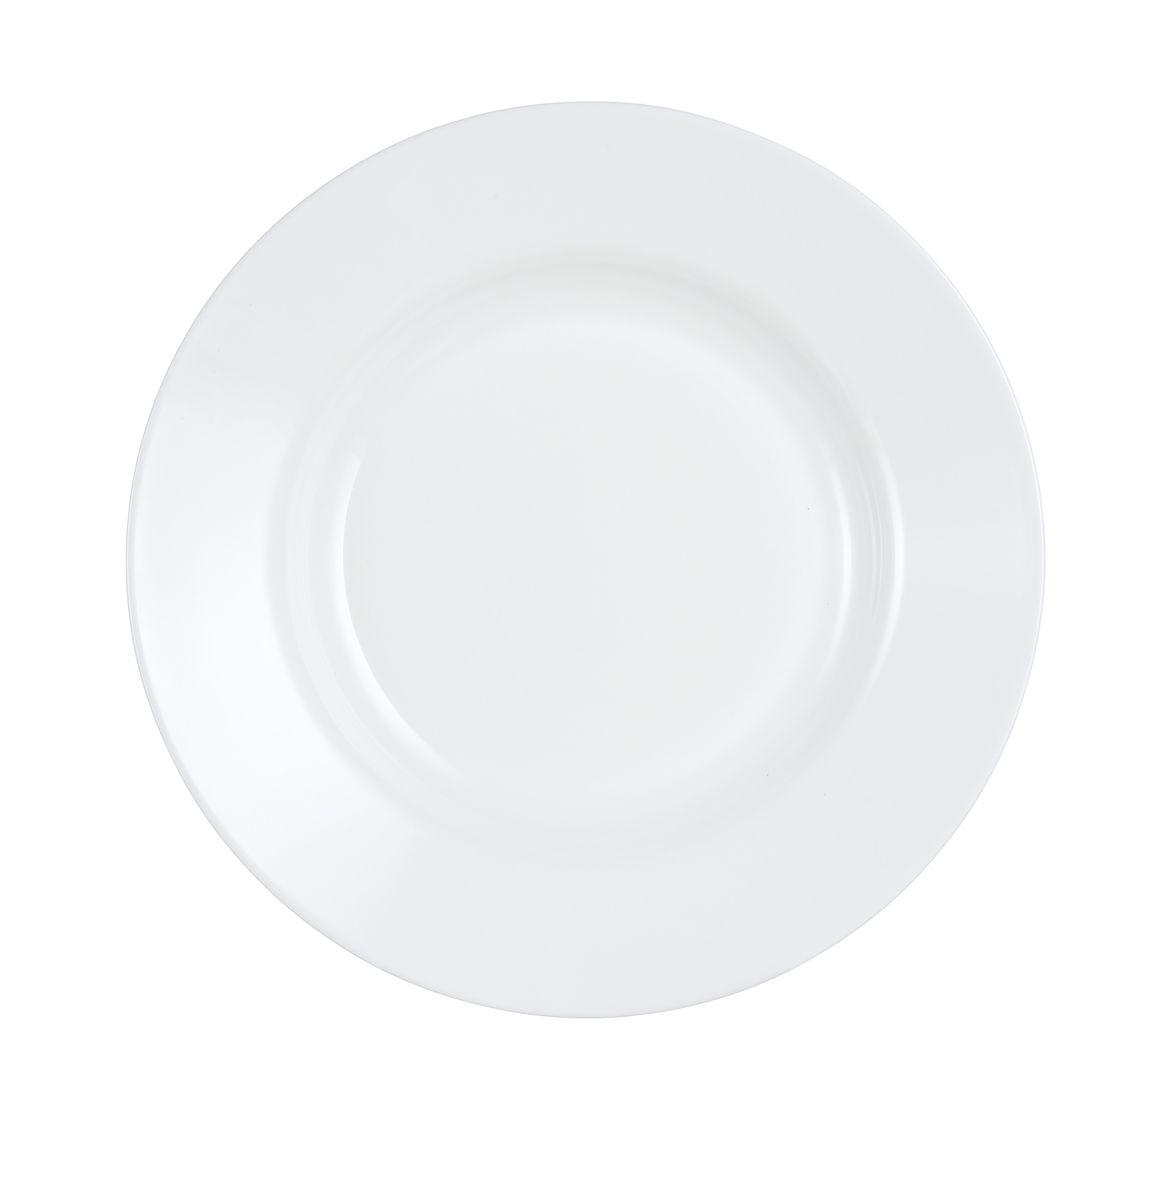 Тарелка глубокая Luminarc Everyday, 22 х 22 см539117 1647Глубокая тарелка Luminarc Everyday выполнена из ударопрочного стекла и оформлена в классическом стиле. Изделие сочетает в себе изысканный дизайн с максимальной функциональностью. Она прекрасно впишется в интерьер вашей кухни и станет достойным дополнением к кухонному инвентарю.Тарелка Luminarc Everyday подчеркнет прекрасный вкус хозяйки и станет отличным подарком.Размер (по верхнему краю): 22 х 22 см.